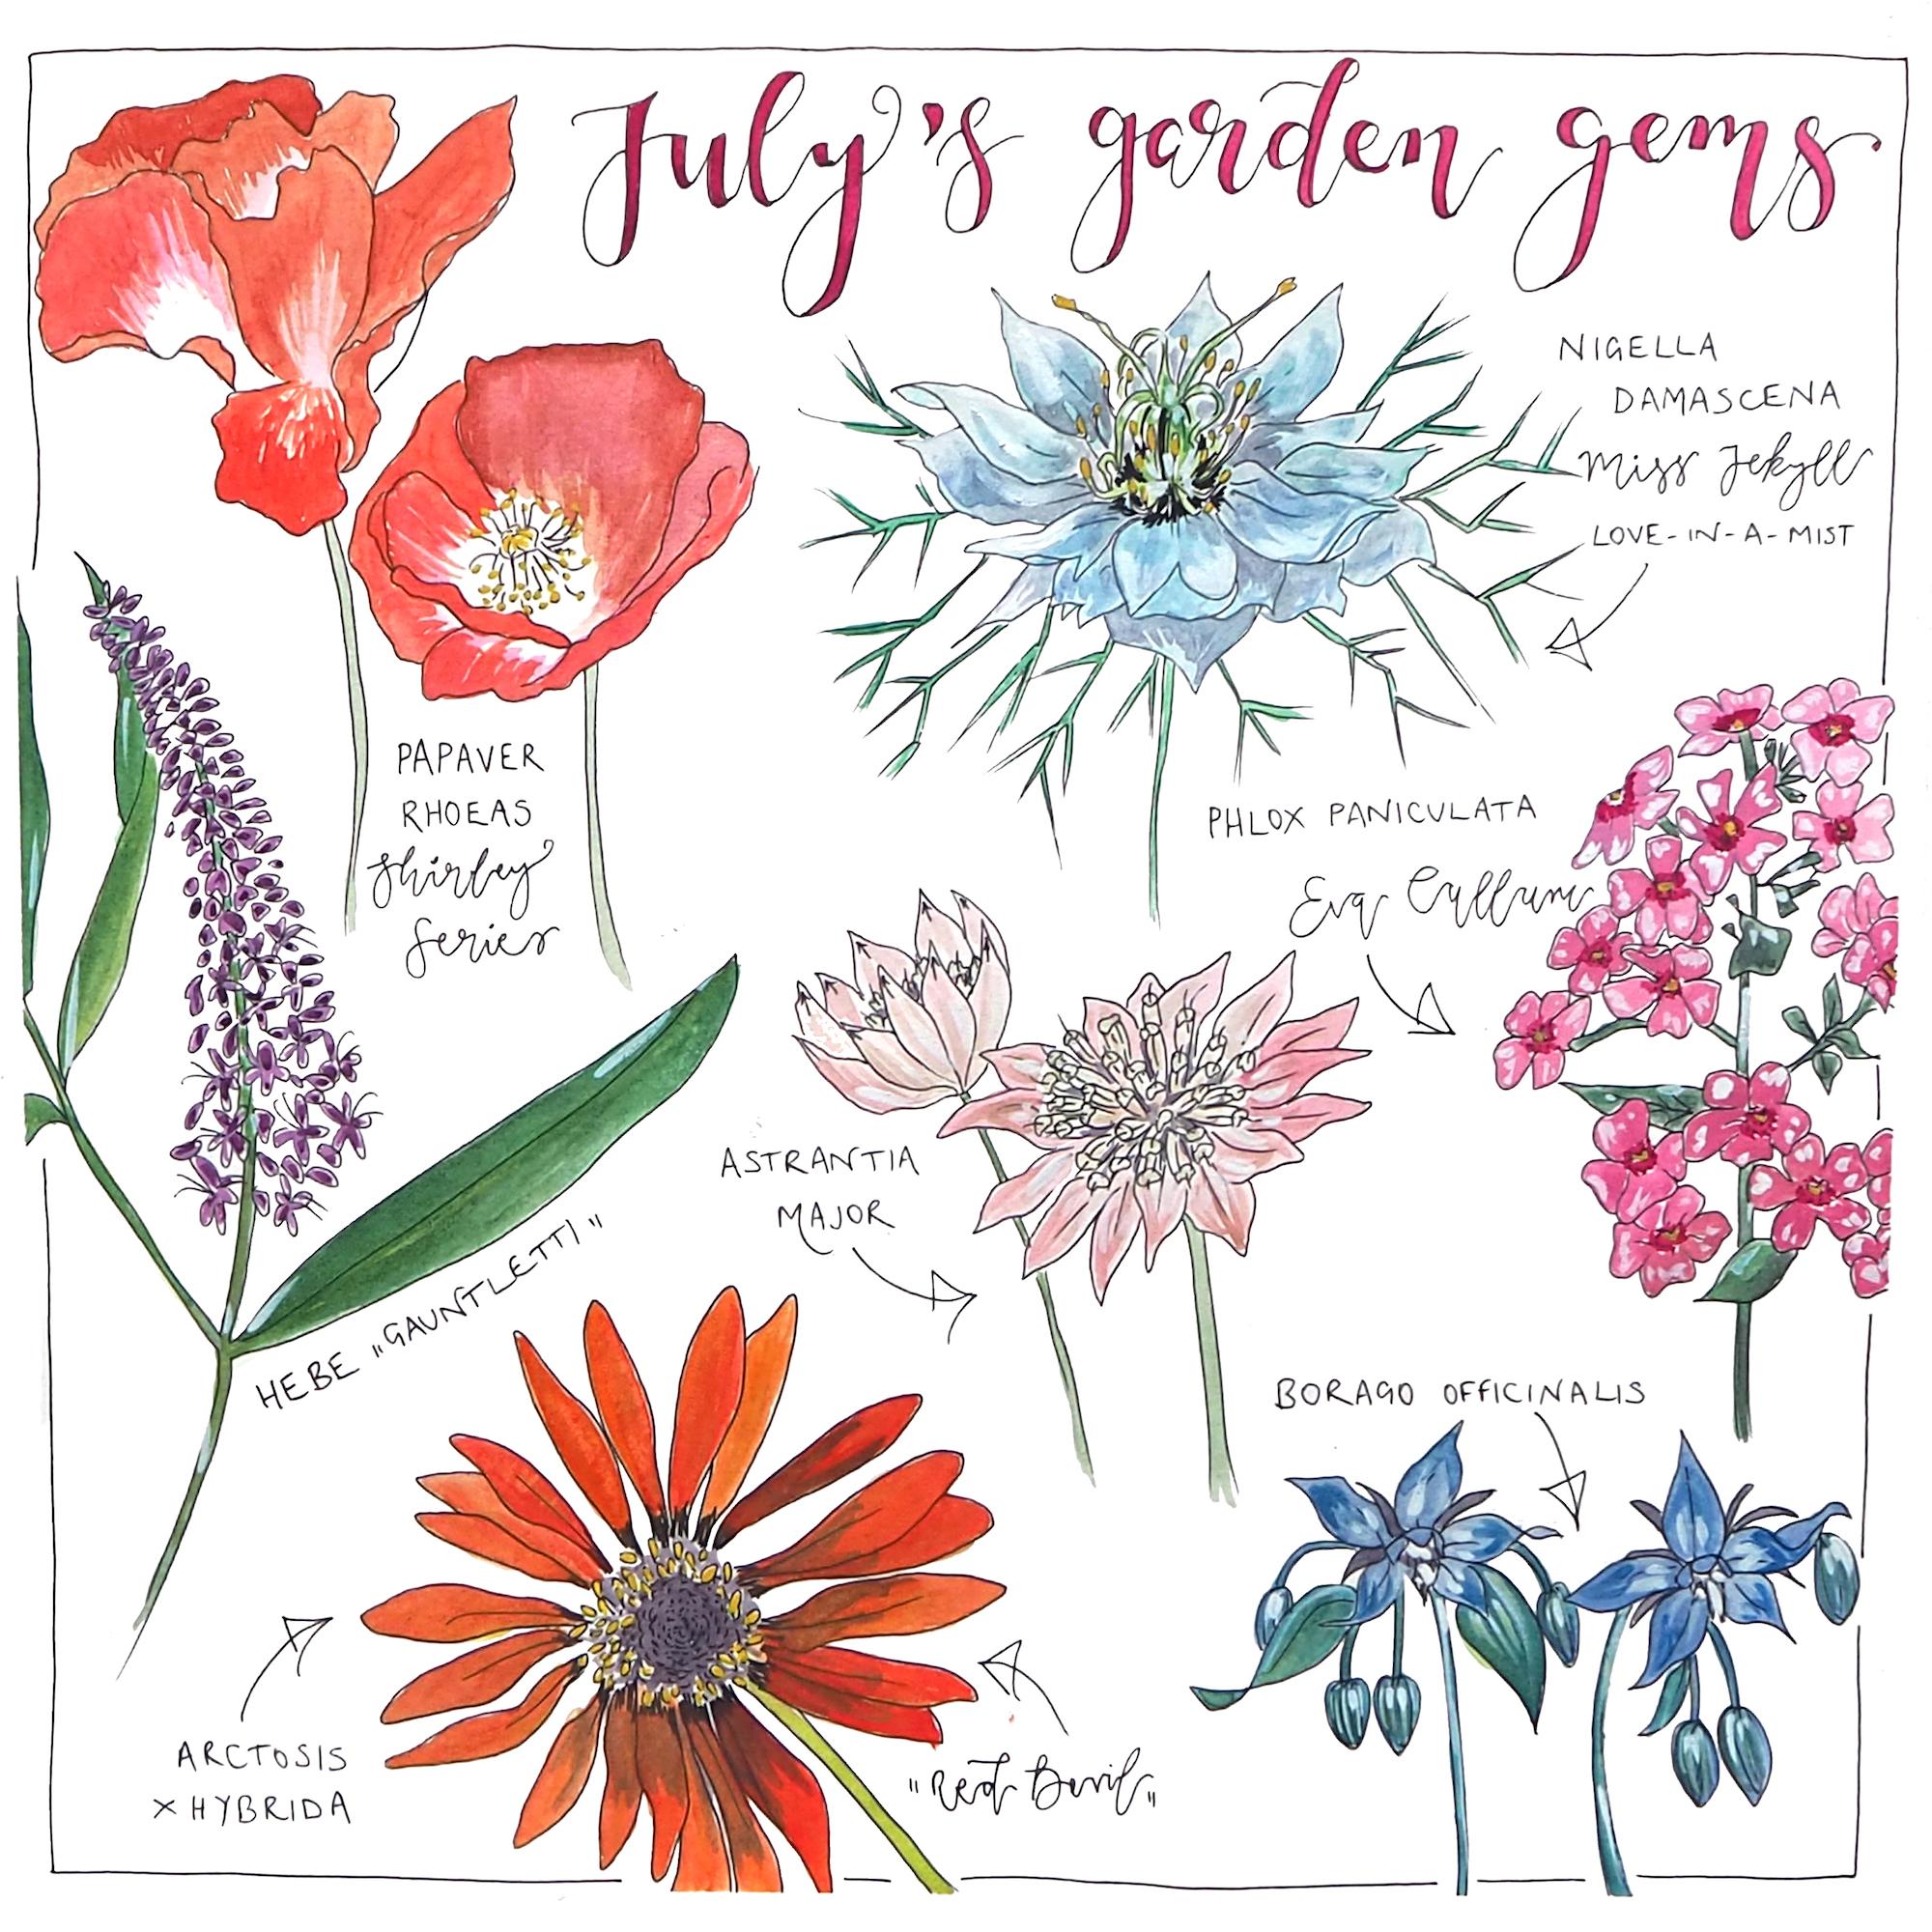 July's garden gems.jpg